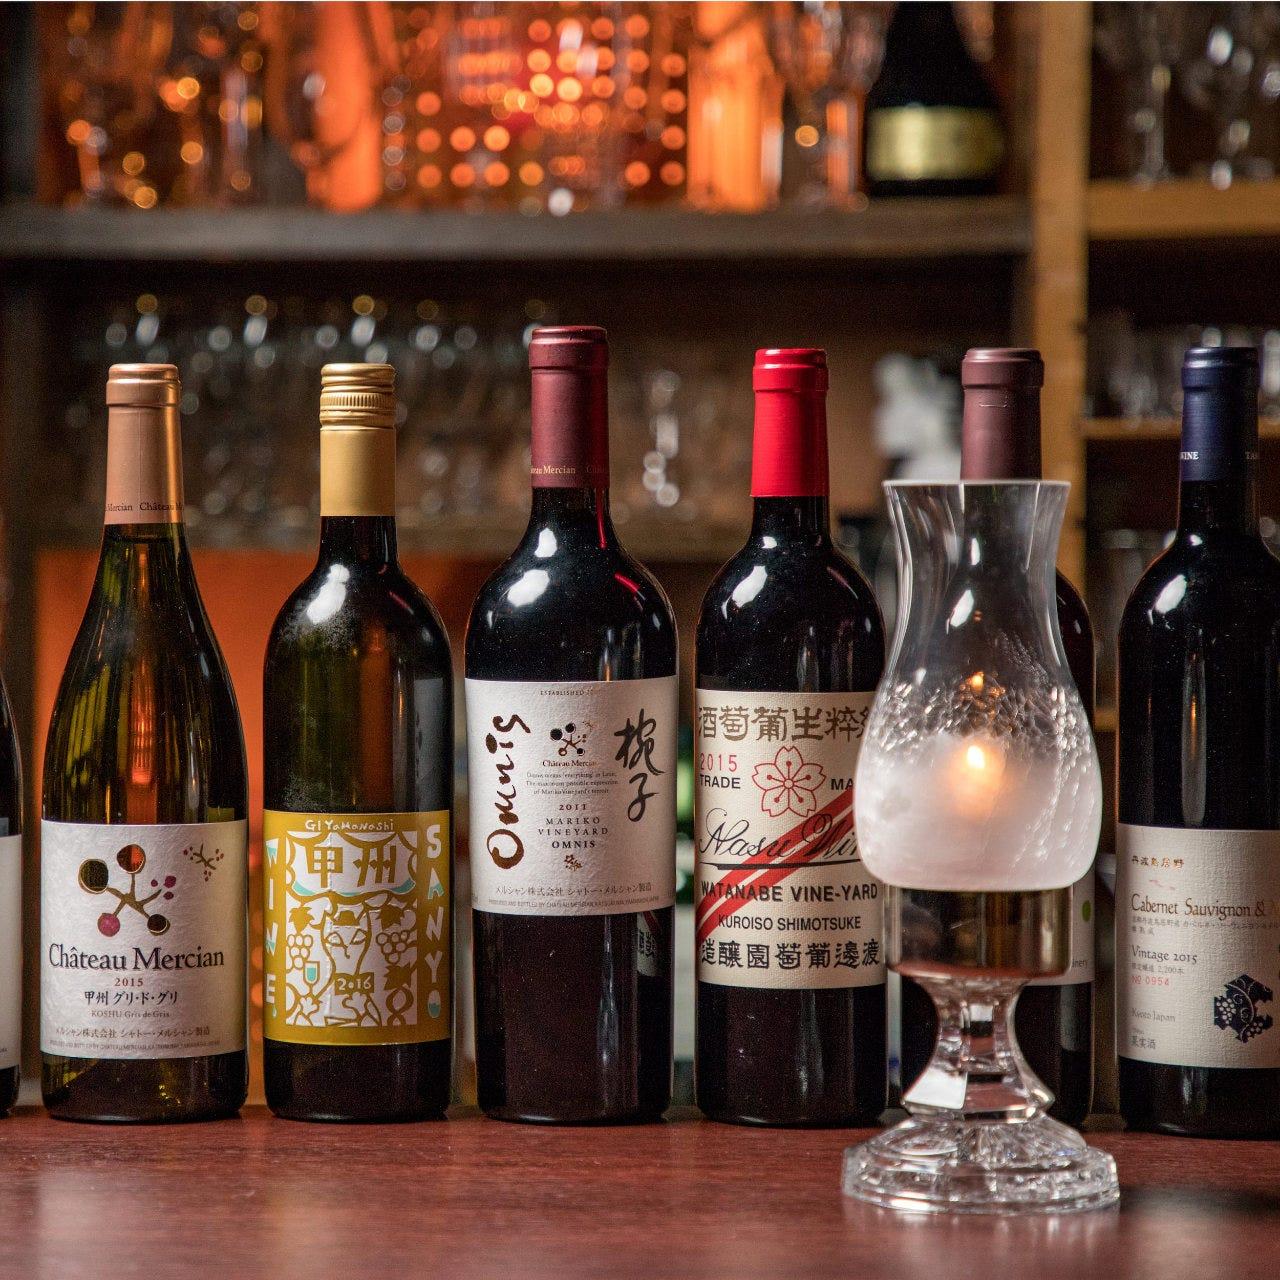 国産ワイン30種全てグラスで御提供。